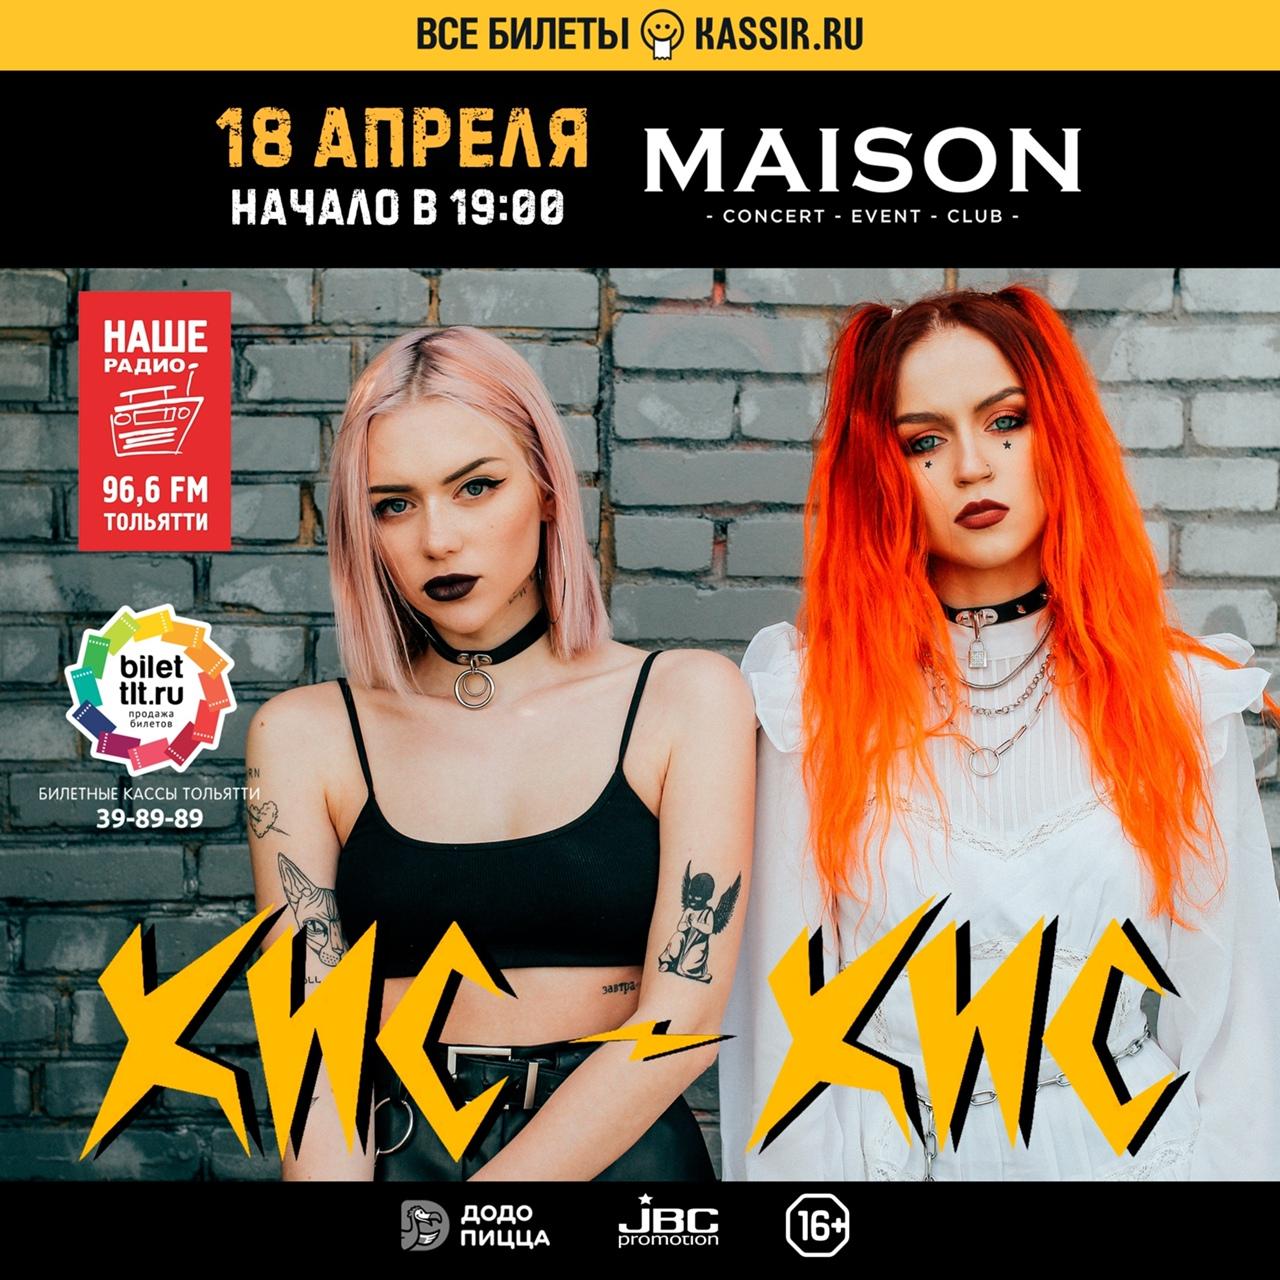 Афиша Самара 18 апреля 2021 г. кис-кис в Тольятти. MAISON